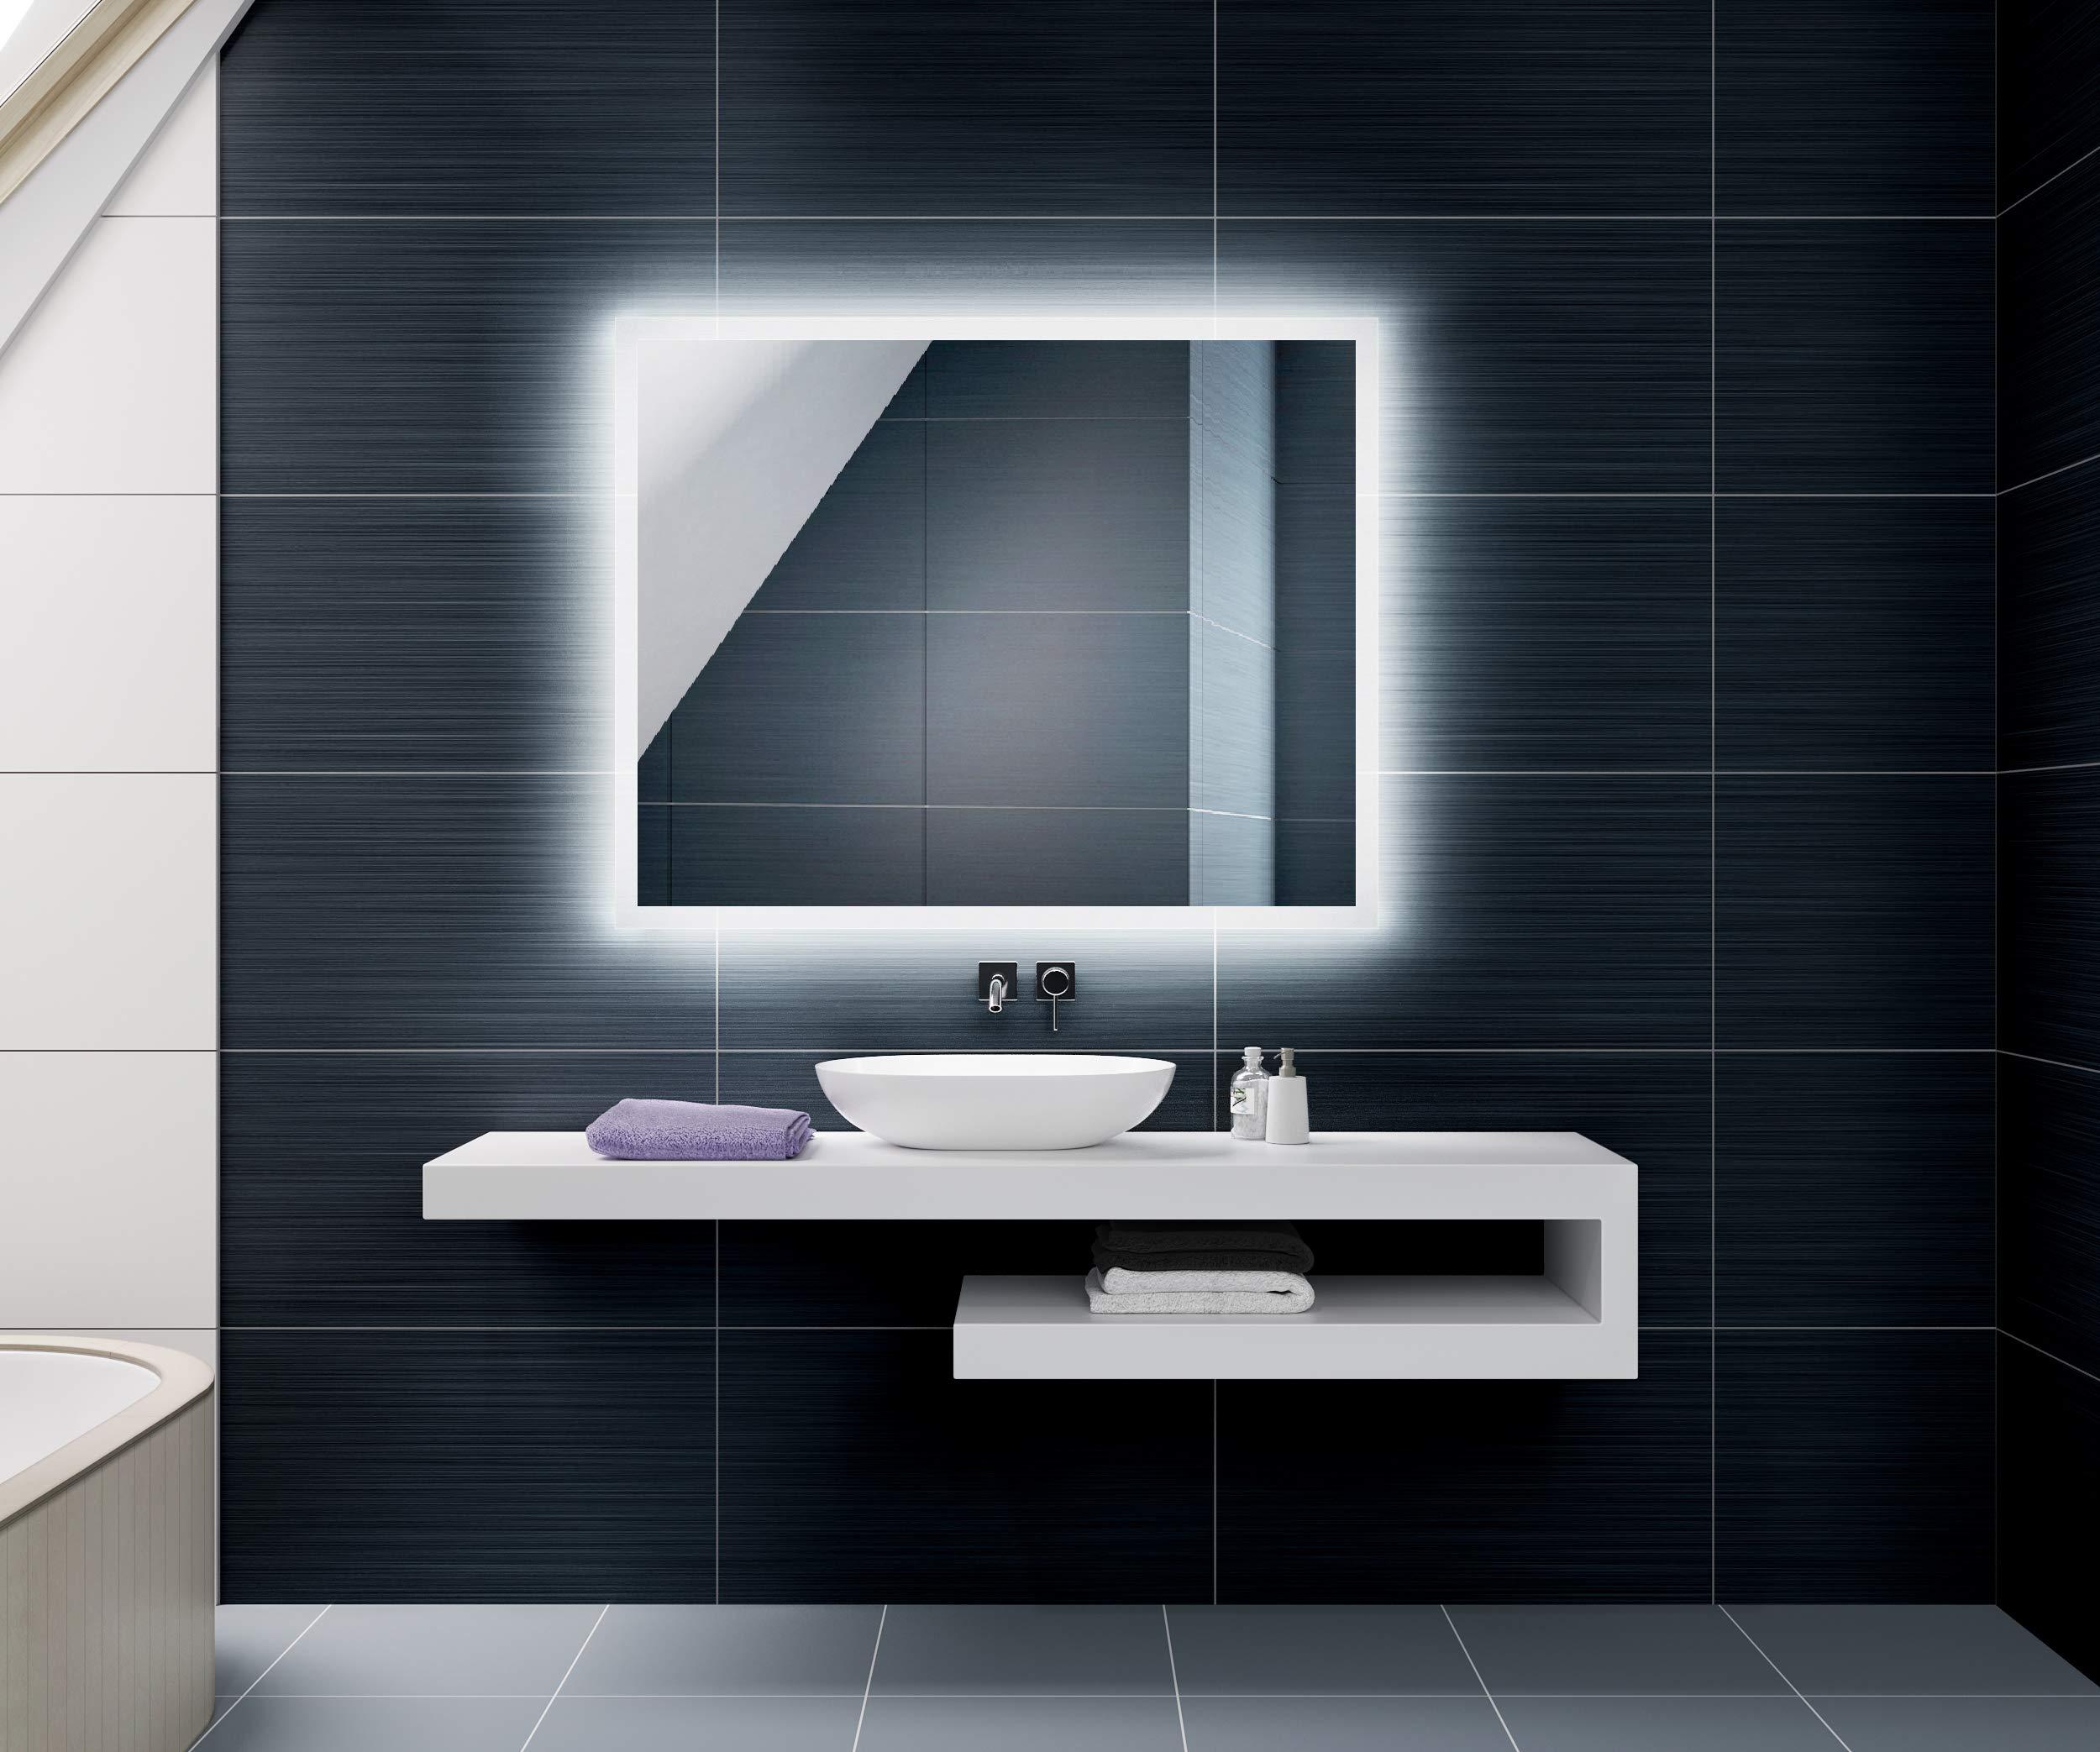 Diferentes tama/ños para Ba/ño Dormitorio Maquillaje L78 Luz Espejo de Pared con Accesorios FORAM Espejo de Ba/ño con Iluminaci/ón LED